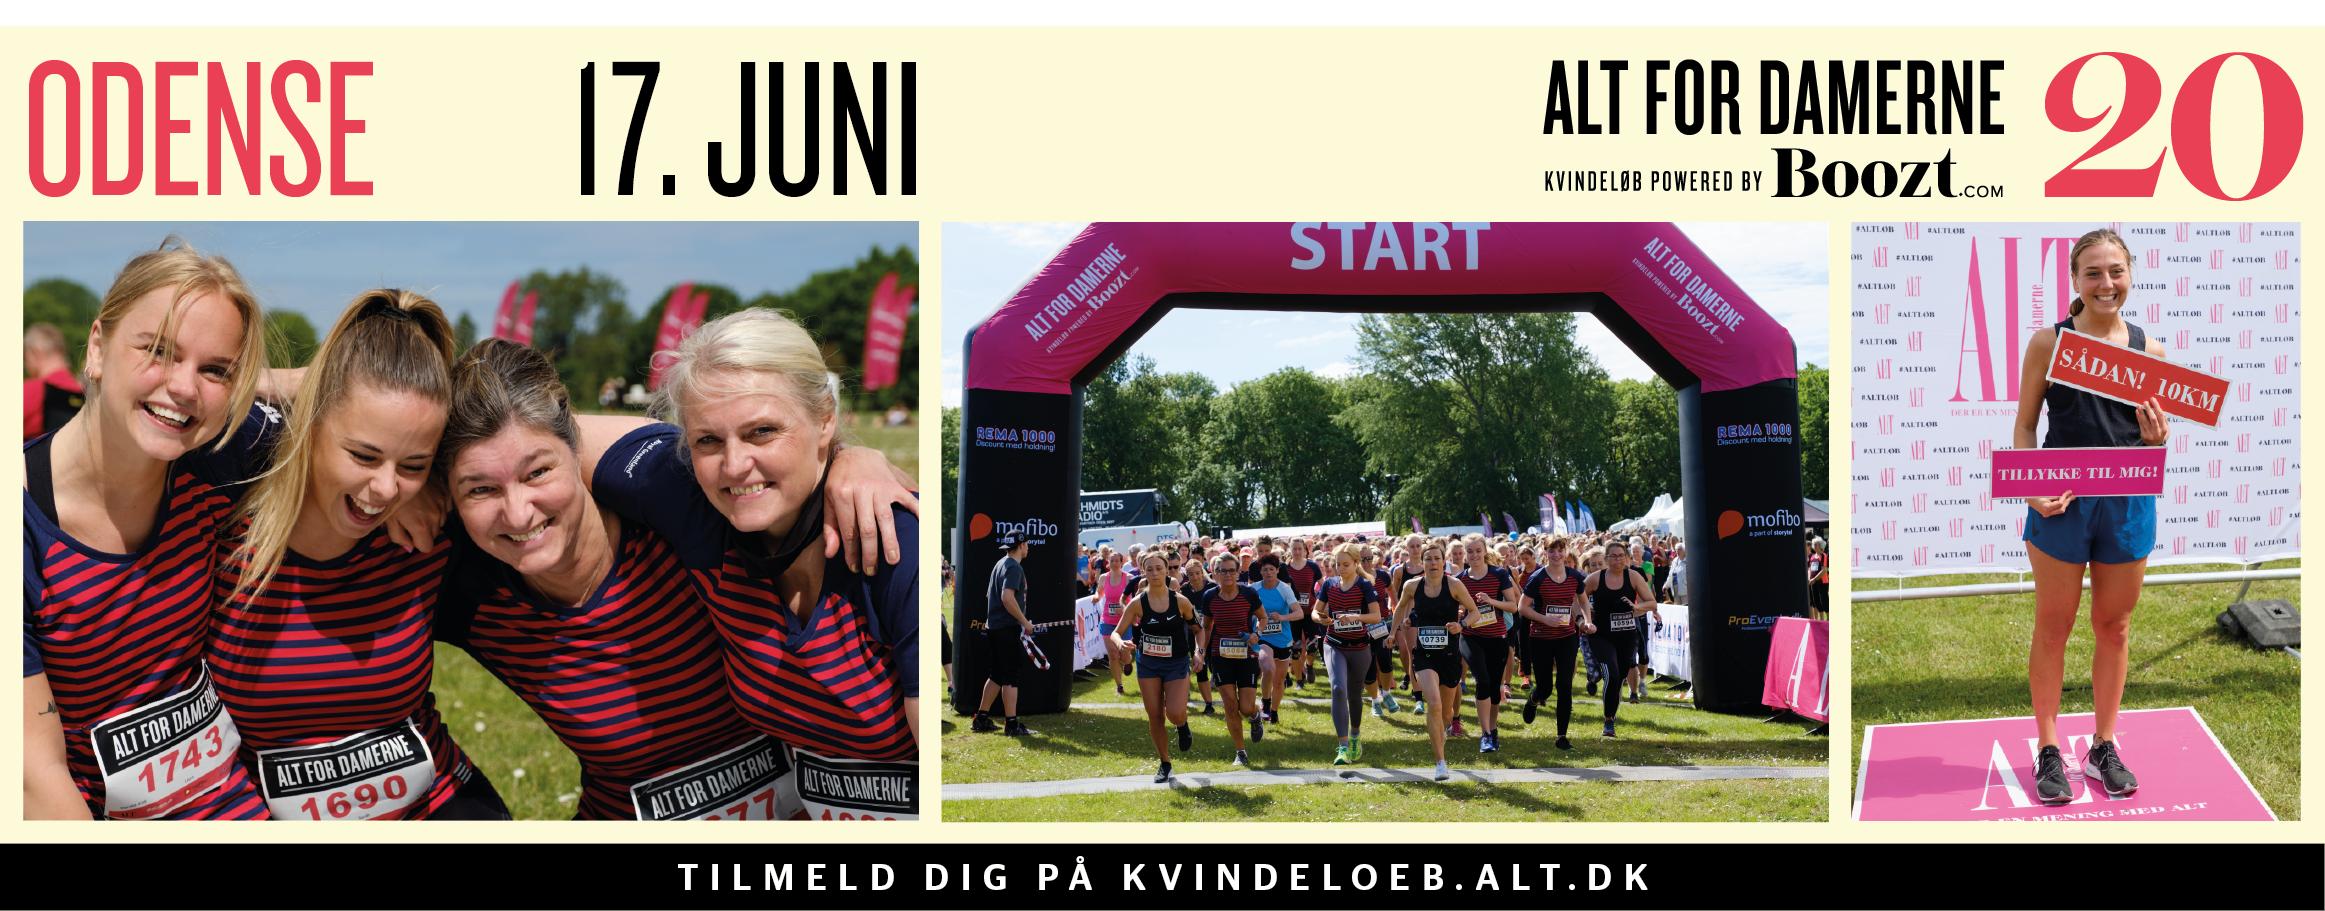 ALT for damernes kvindeløb – Odense